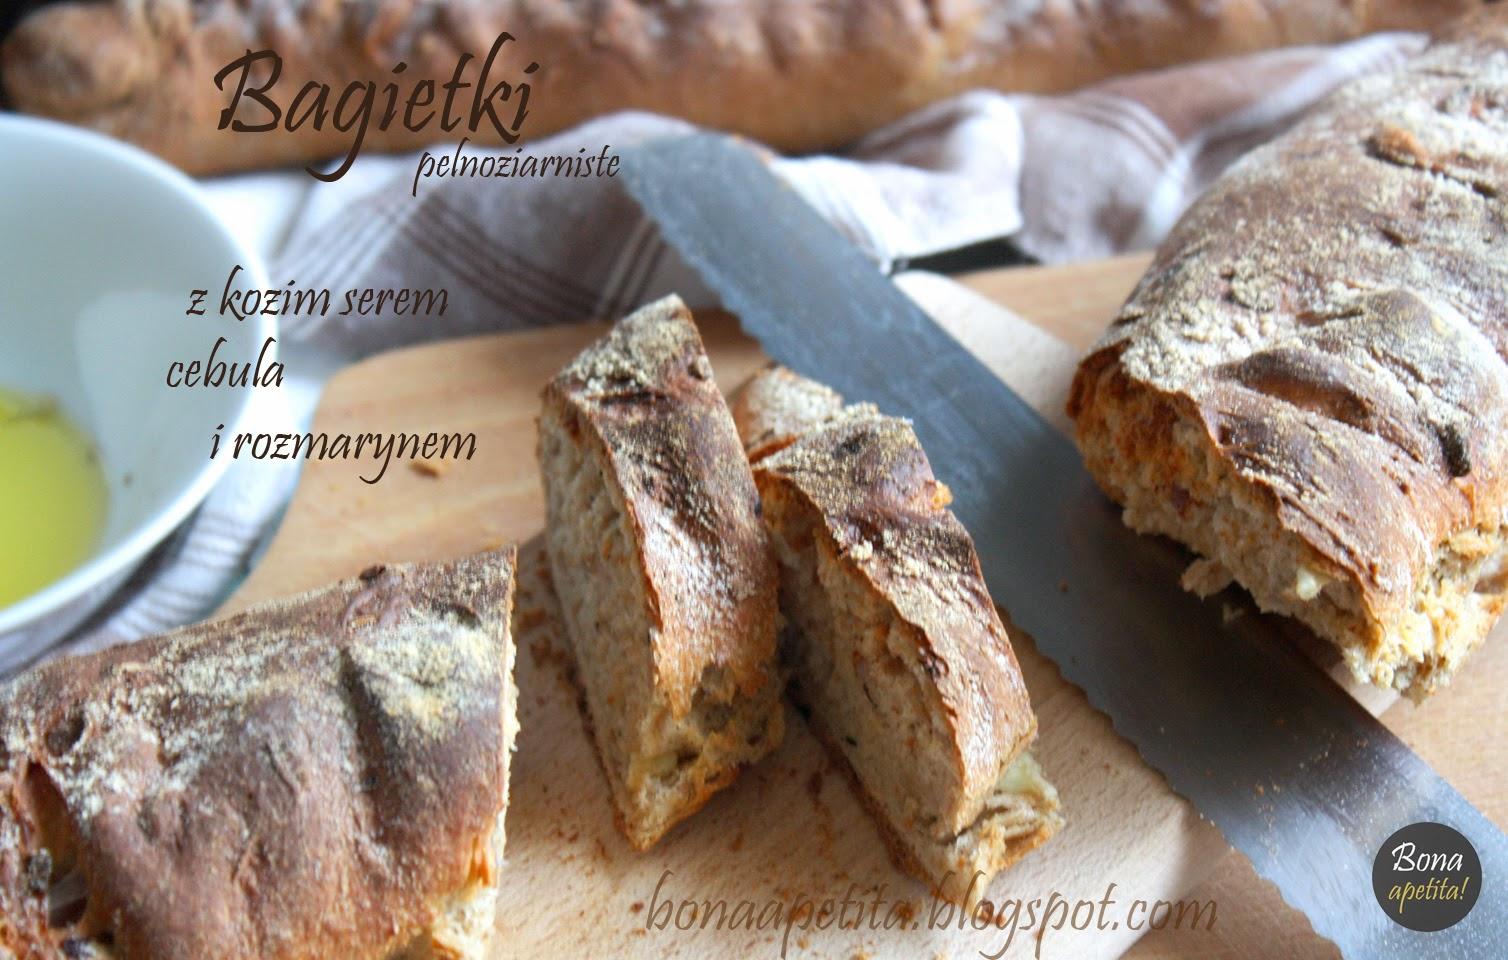 Bagietki z serem kozim i rozmarynem z cyklu Ezoteryczne spotkanie przy piekarniku!